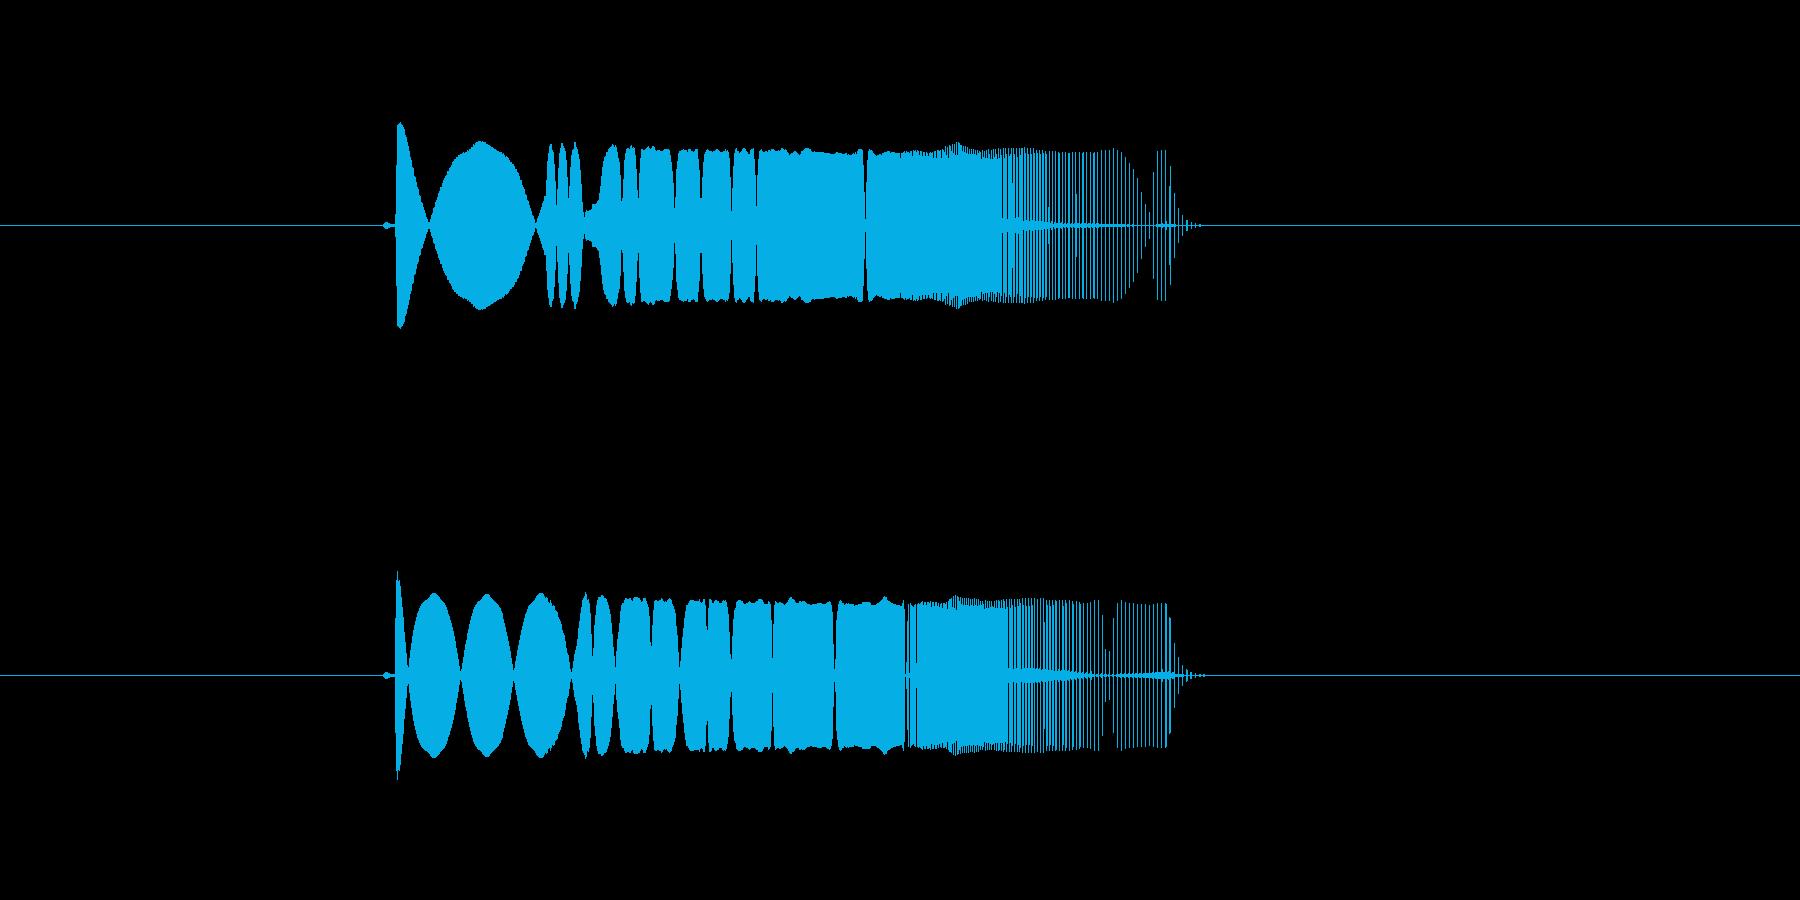 キューン (ビームの発射音)の再生済みの波形